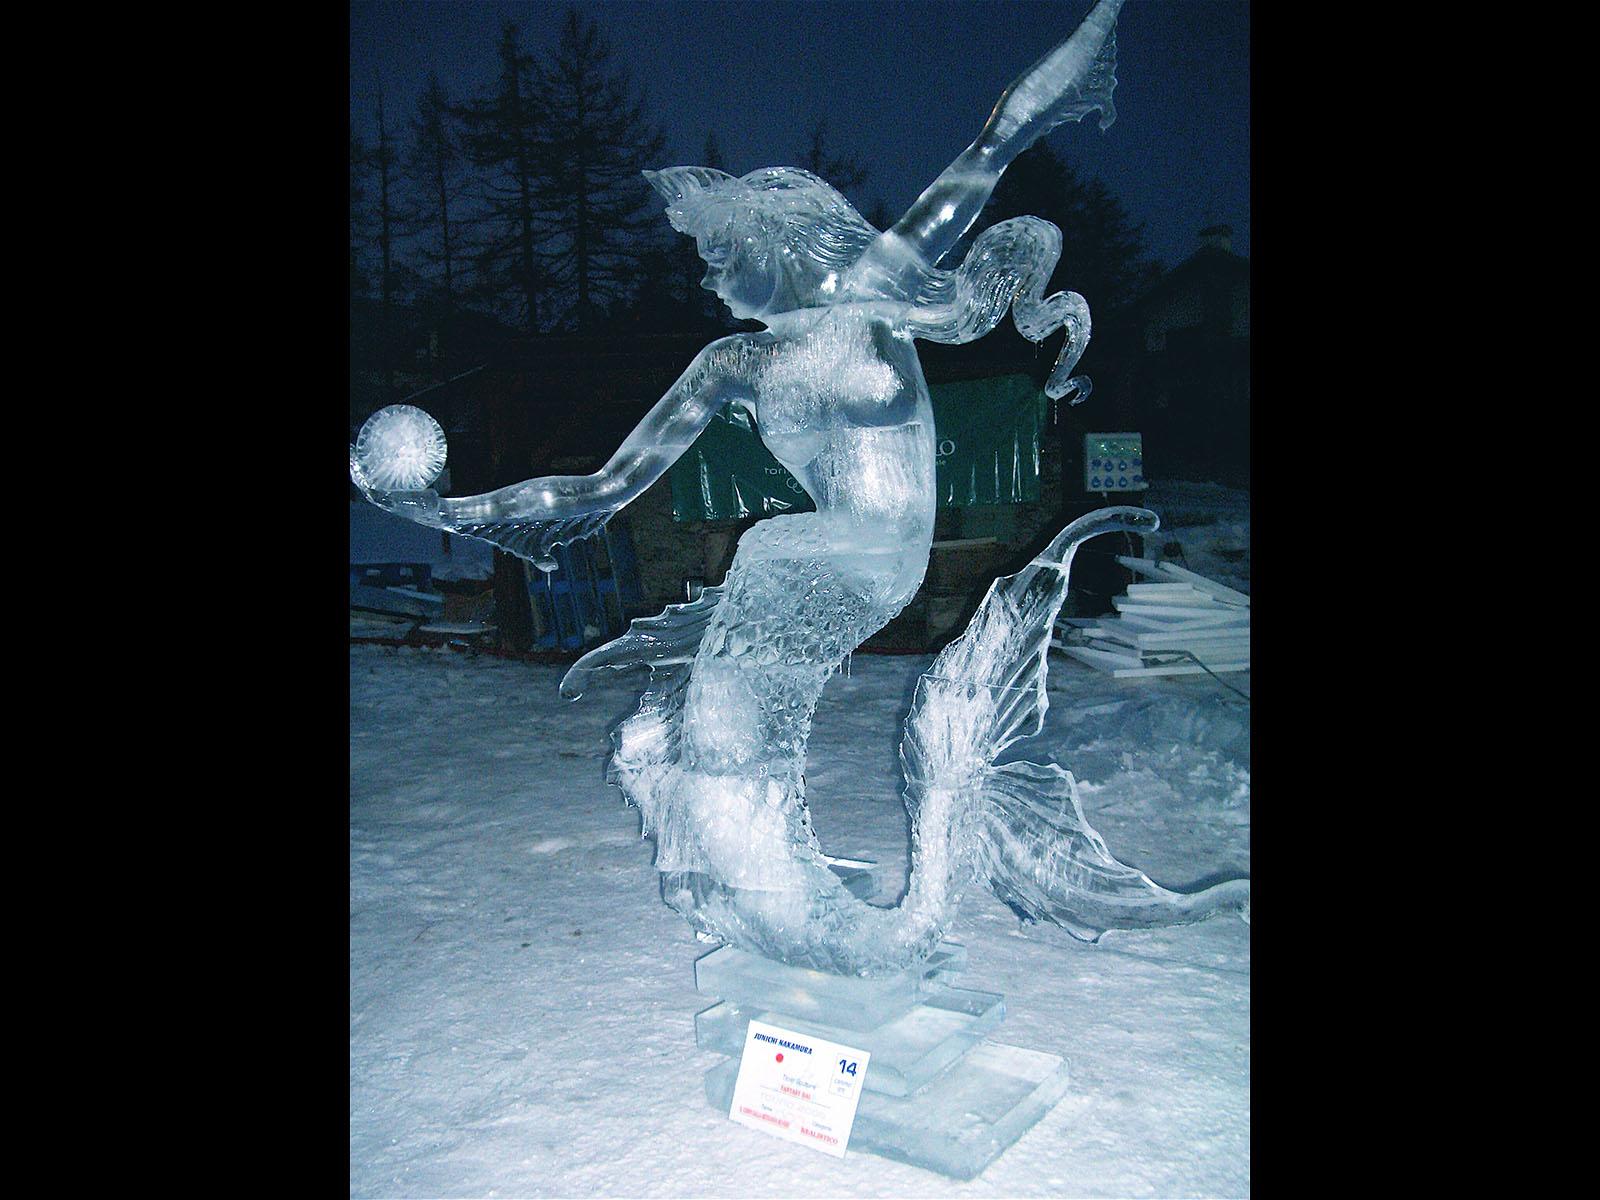 olimpiadi torino 2006 argento - Ghiaccio d'Arte